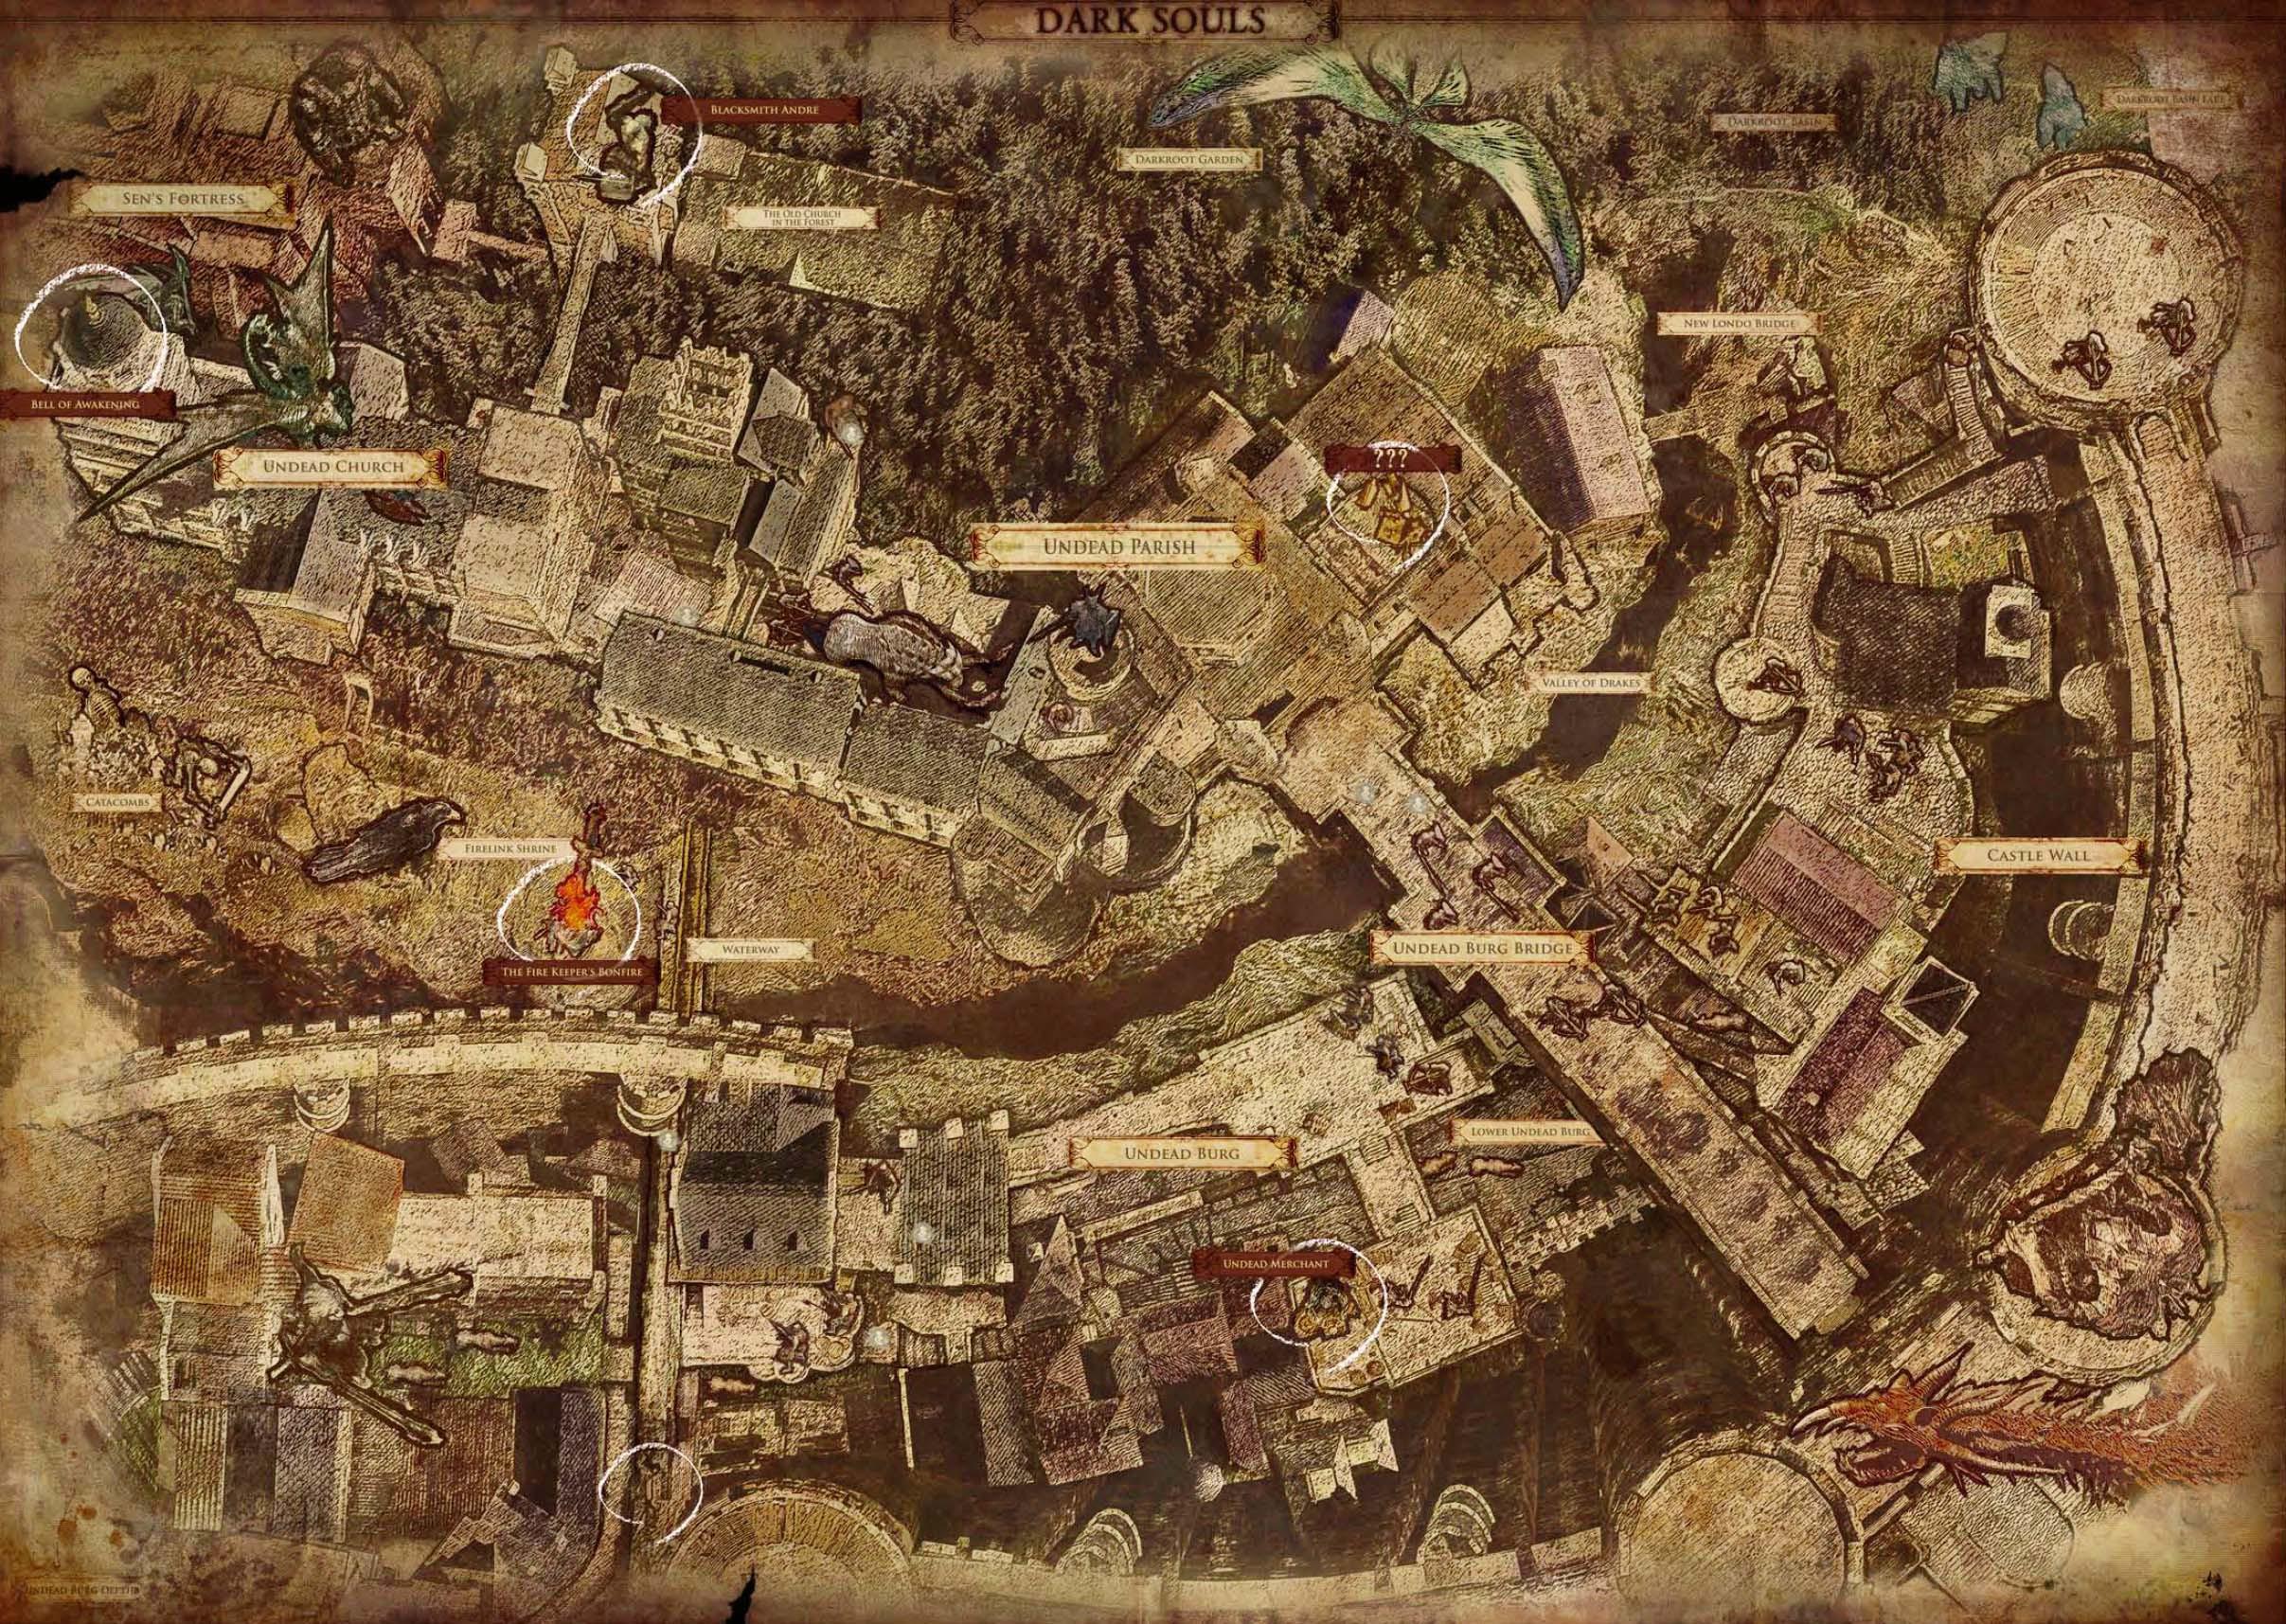 Dark Souls World Map World | Dark Souls Wiki | FANDOM powered by Wikia Dark Souls World Map